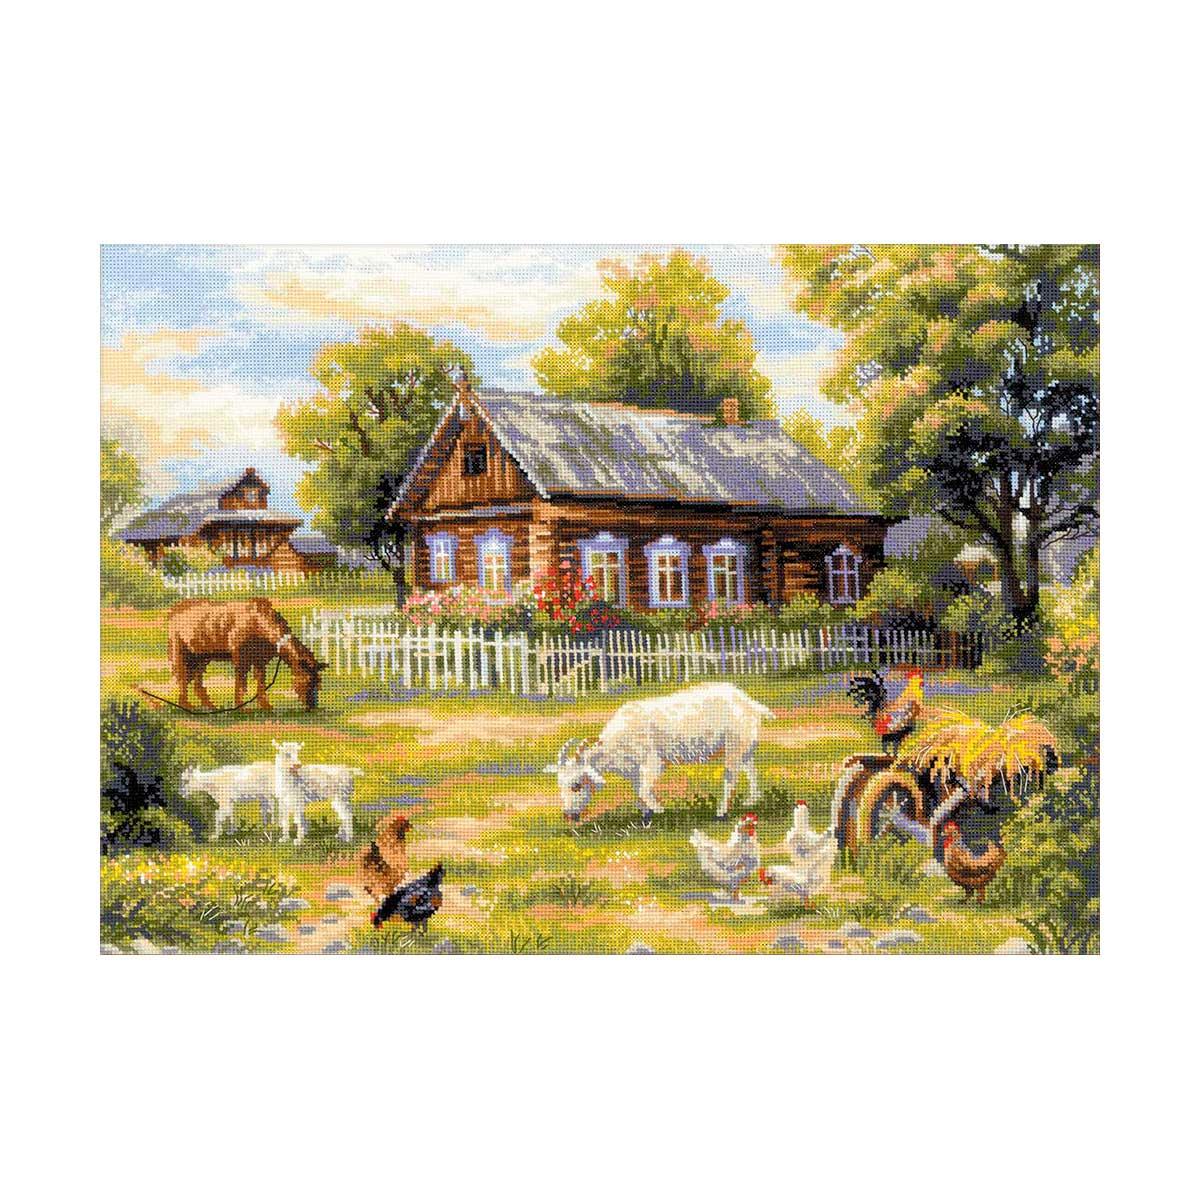 1501 Набор для вышивания Riolis 'Деревенский полдень', 50*35 см